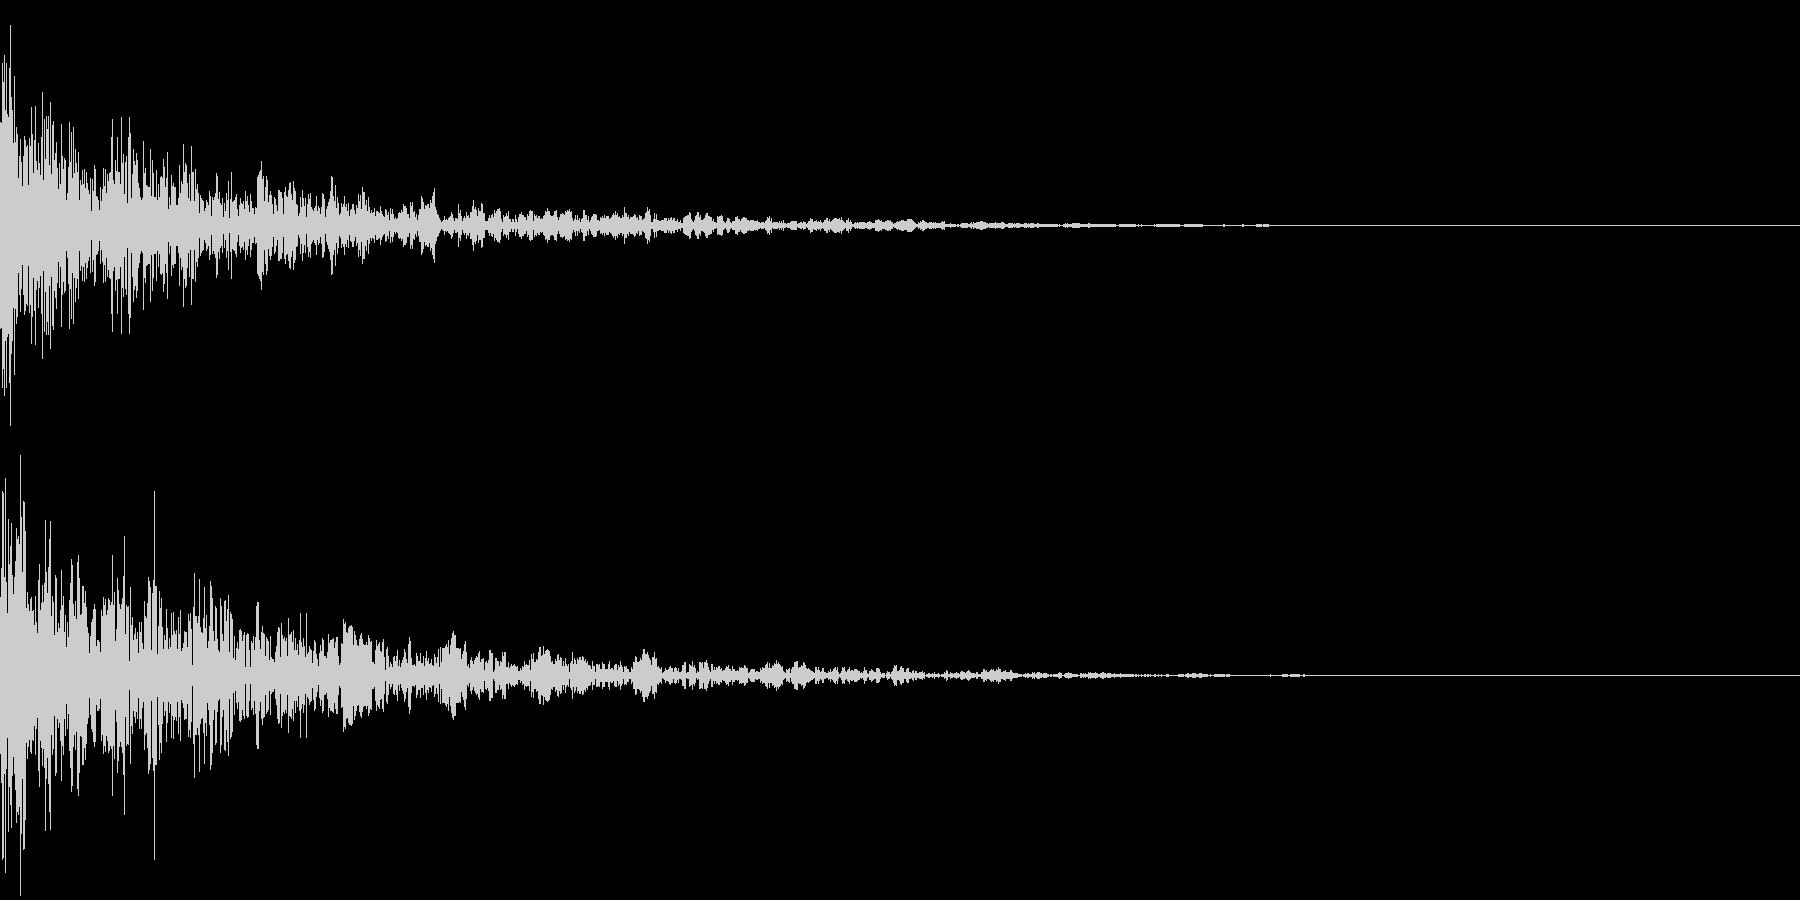 ドーン-37-2(インパクト音)の未再生の波形